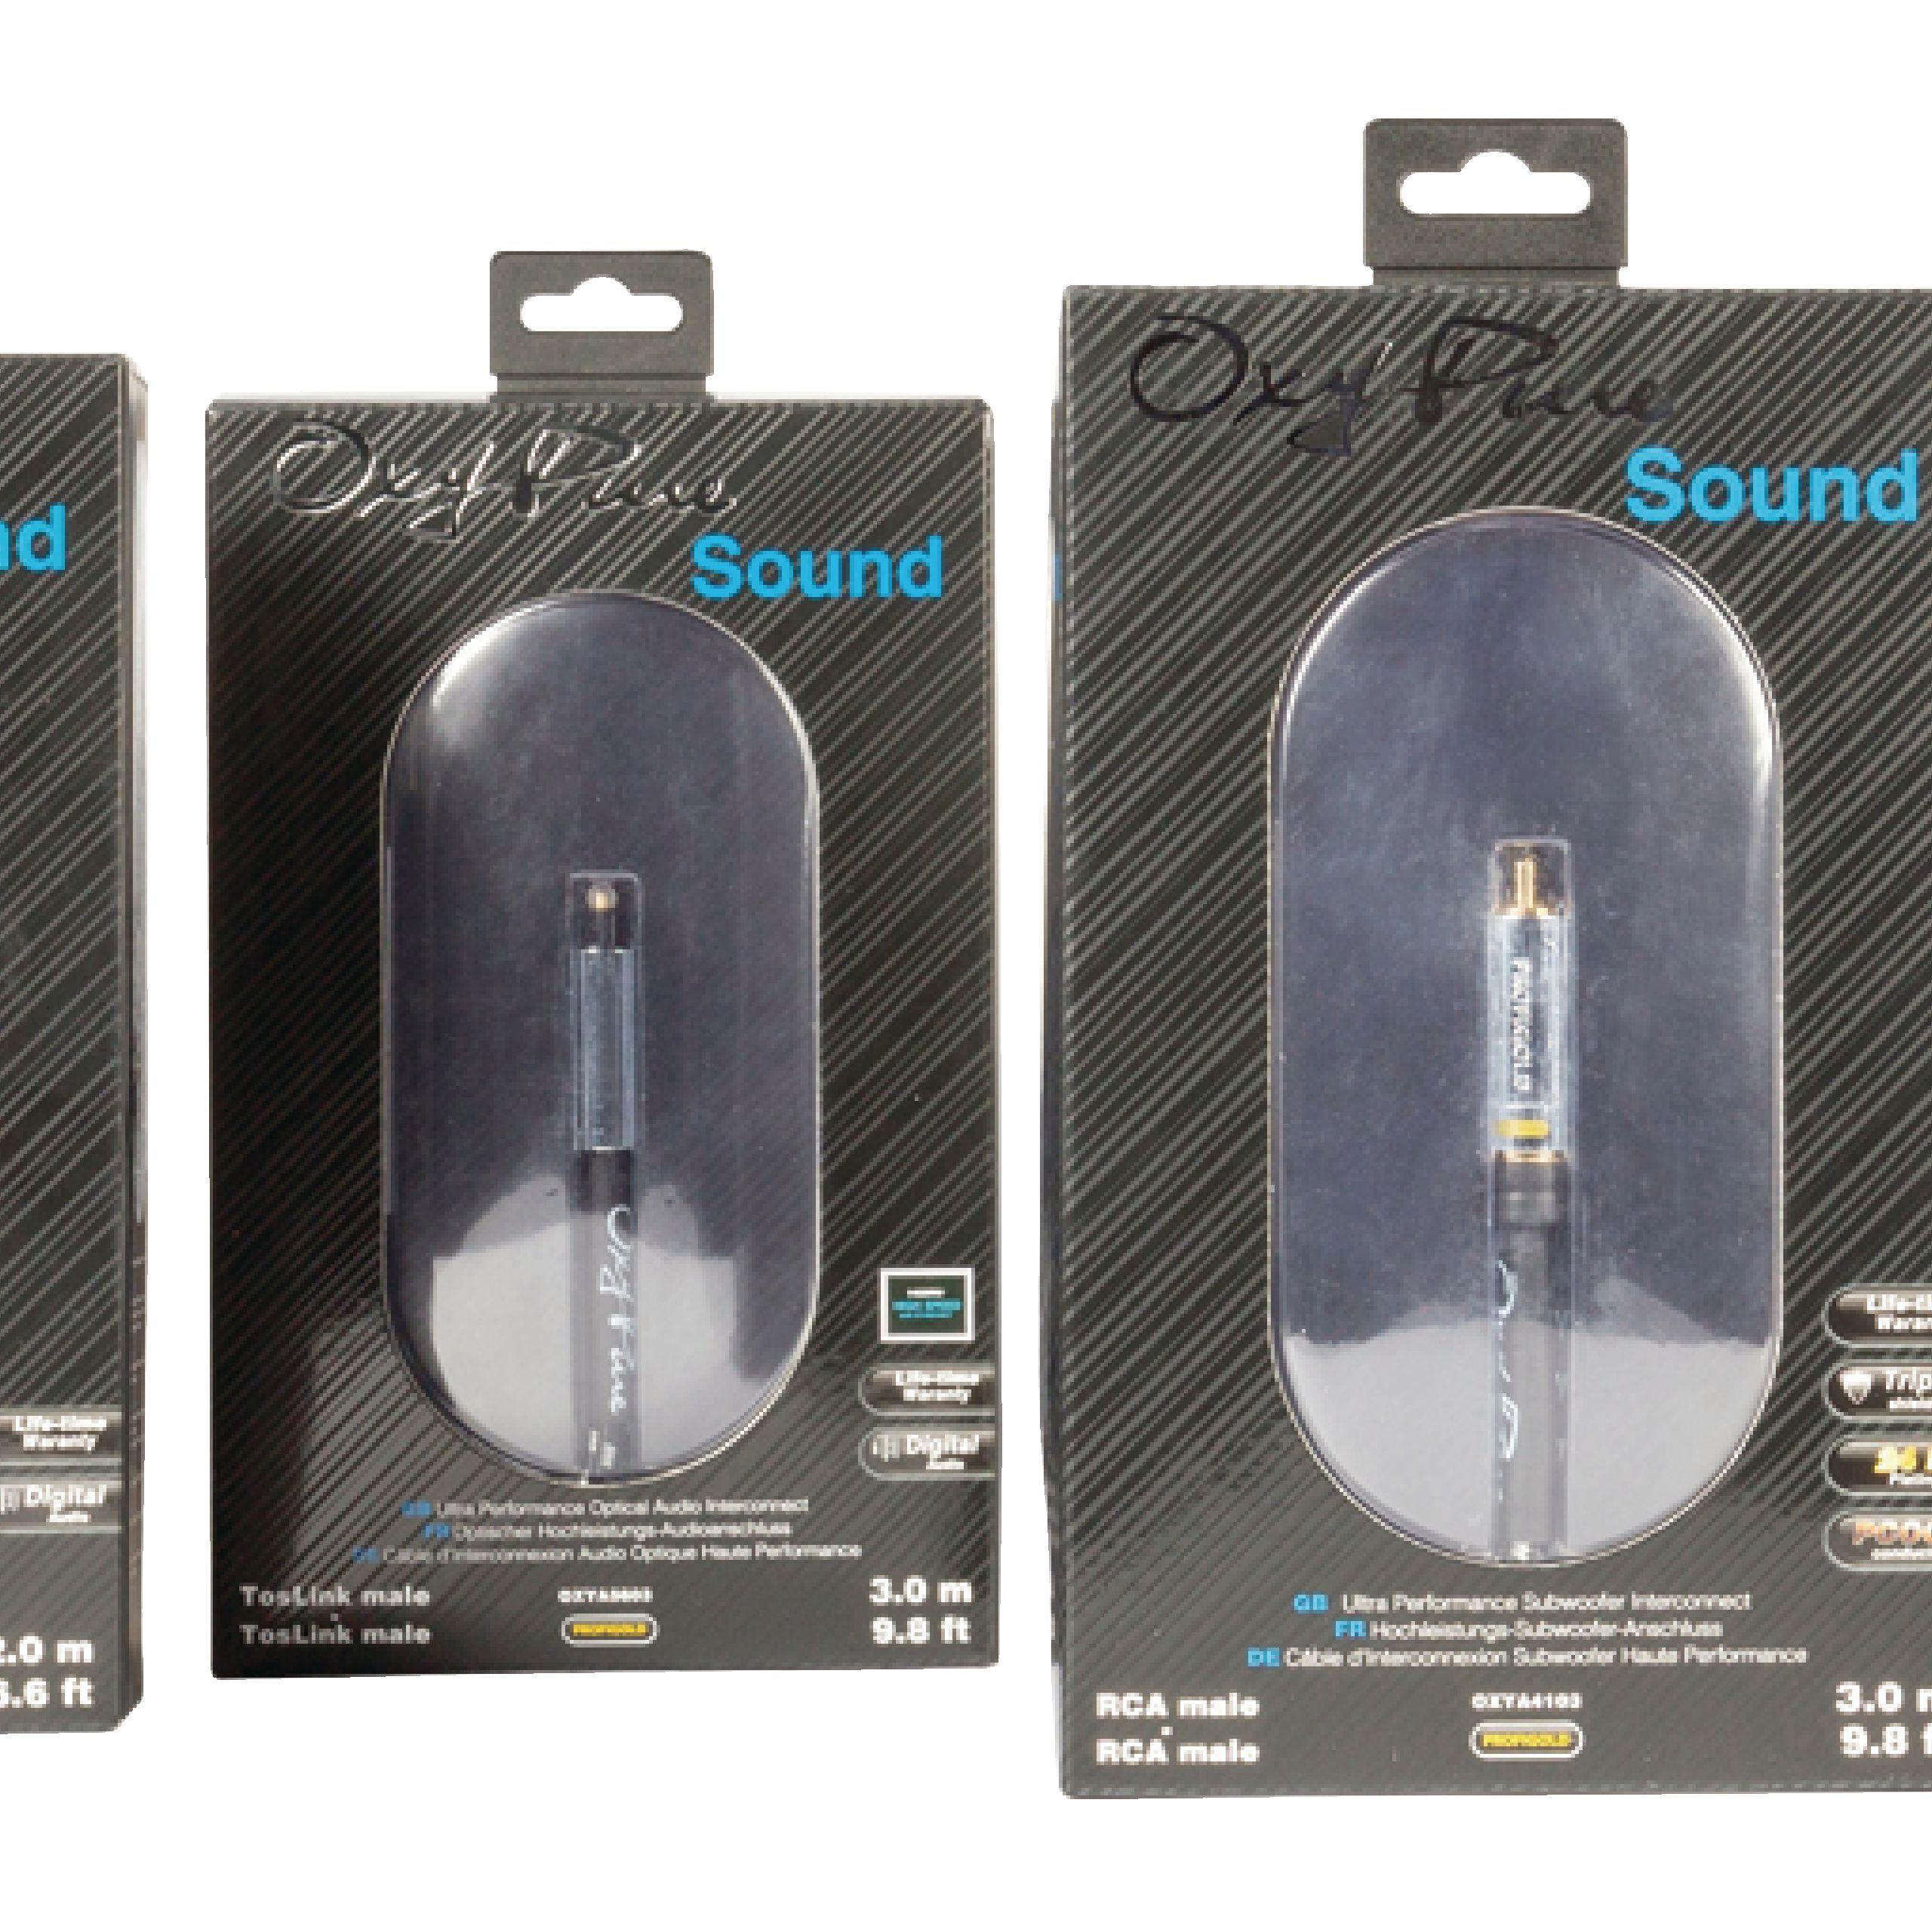 TosLink macho de 3,00 m en color negro Cable de audio /óptico de gama alta TosLink macho